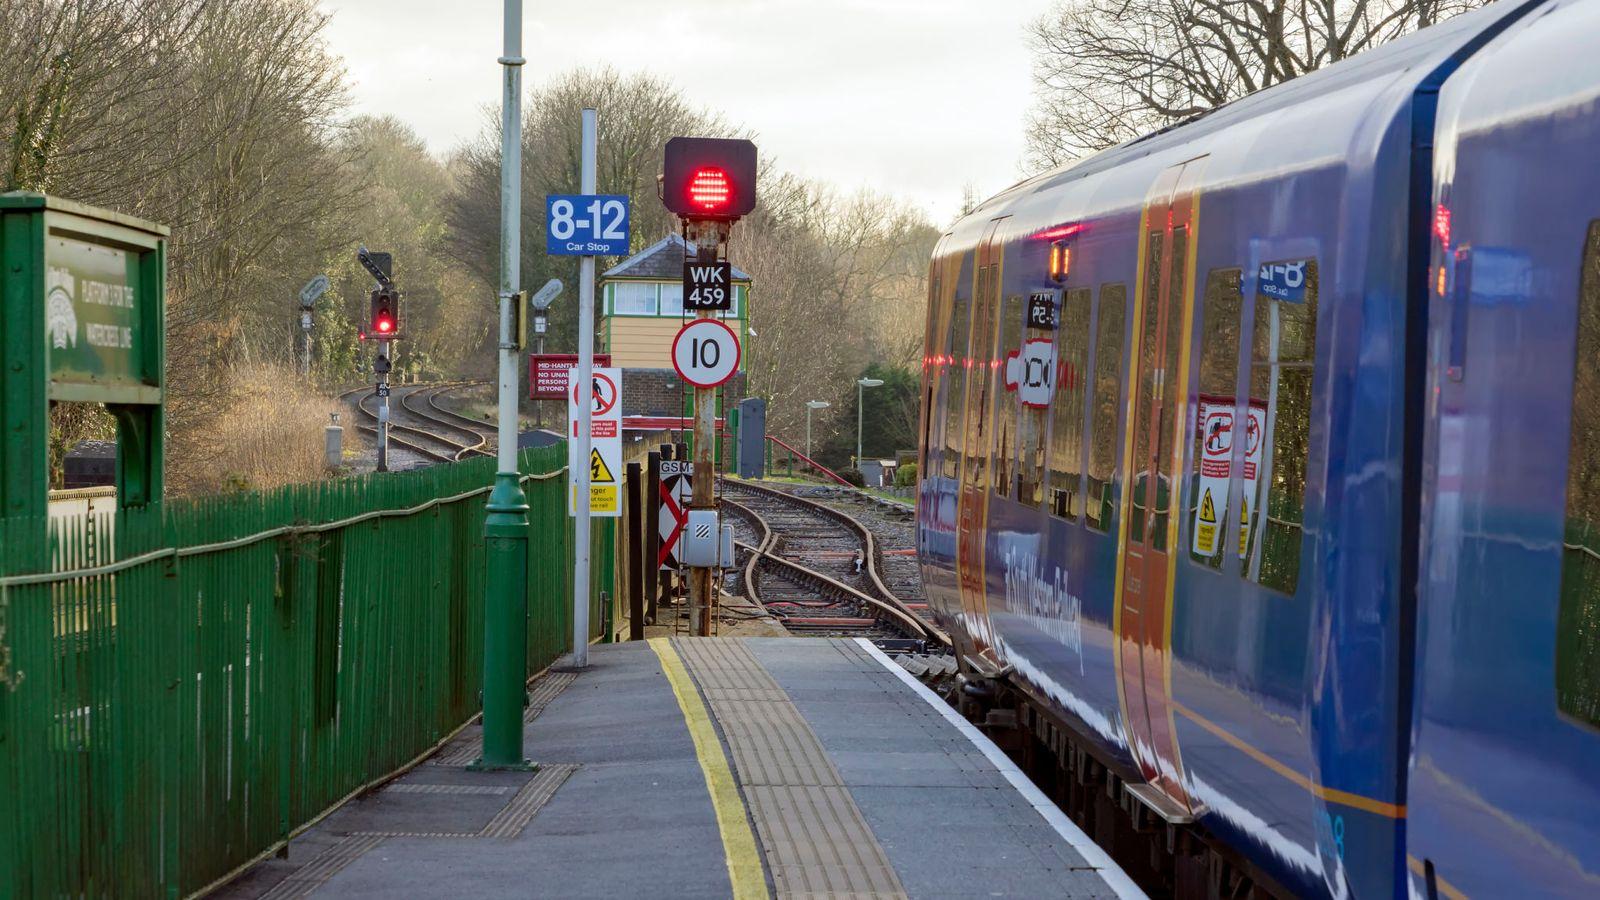 Rail strike triggers more traveller headaches